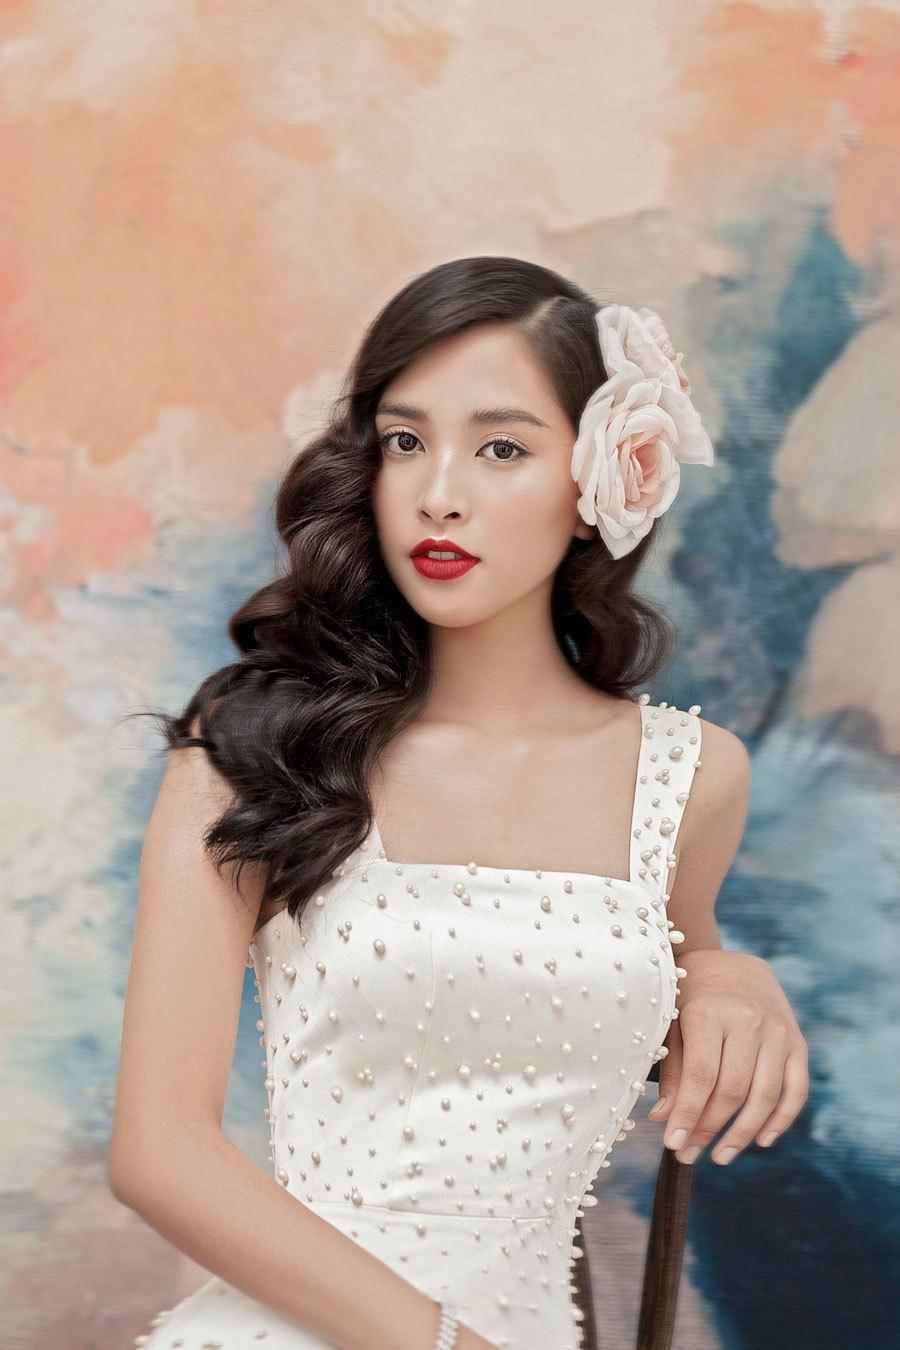 Hoa hậu Tiểu Vy lấp ló ngực đầy với đầm cắt xẻ Ảnh 4